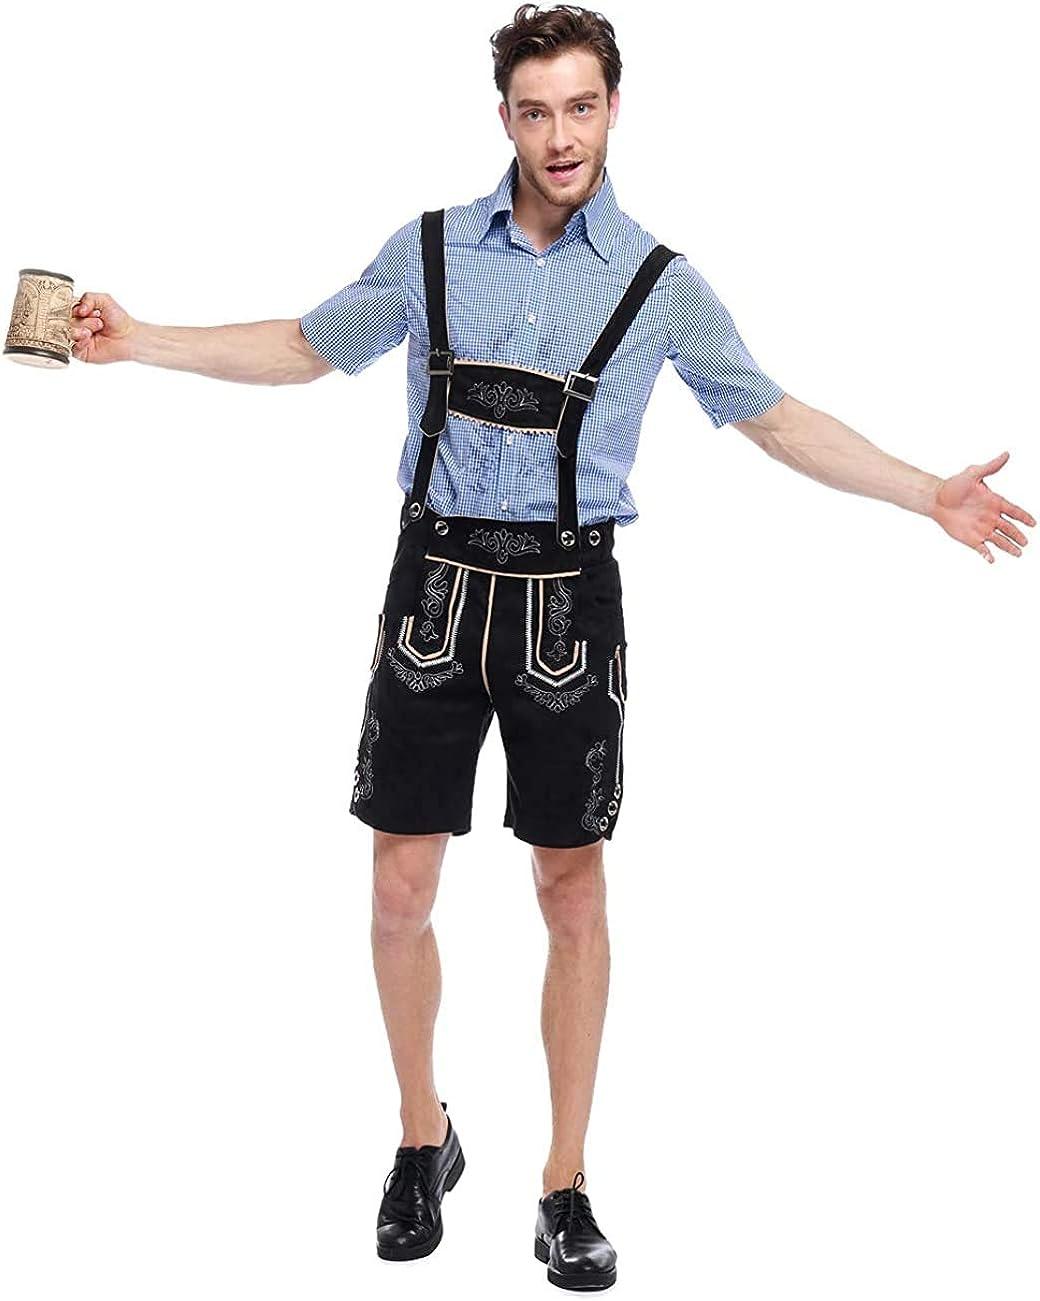 Max 90% OFF Paniclub Oktoberfest Costume Bavarian Tucson Mall Men Toddler L Kids Uniform